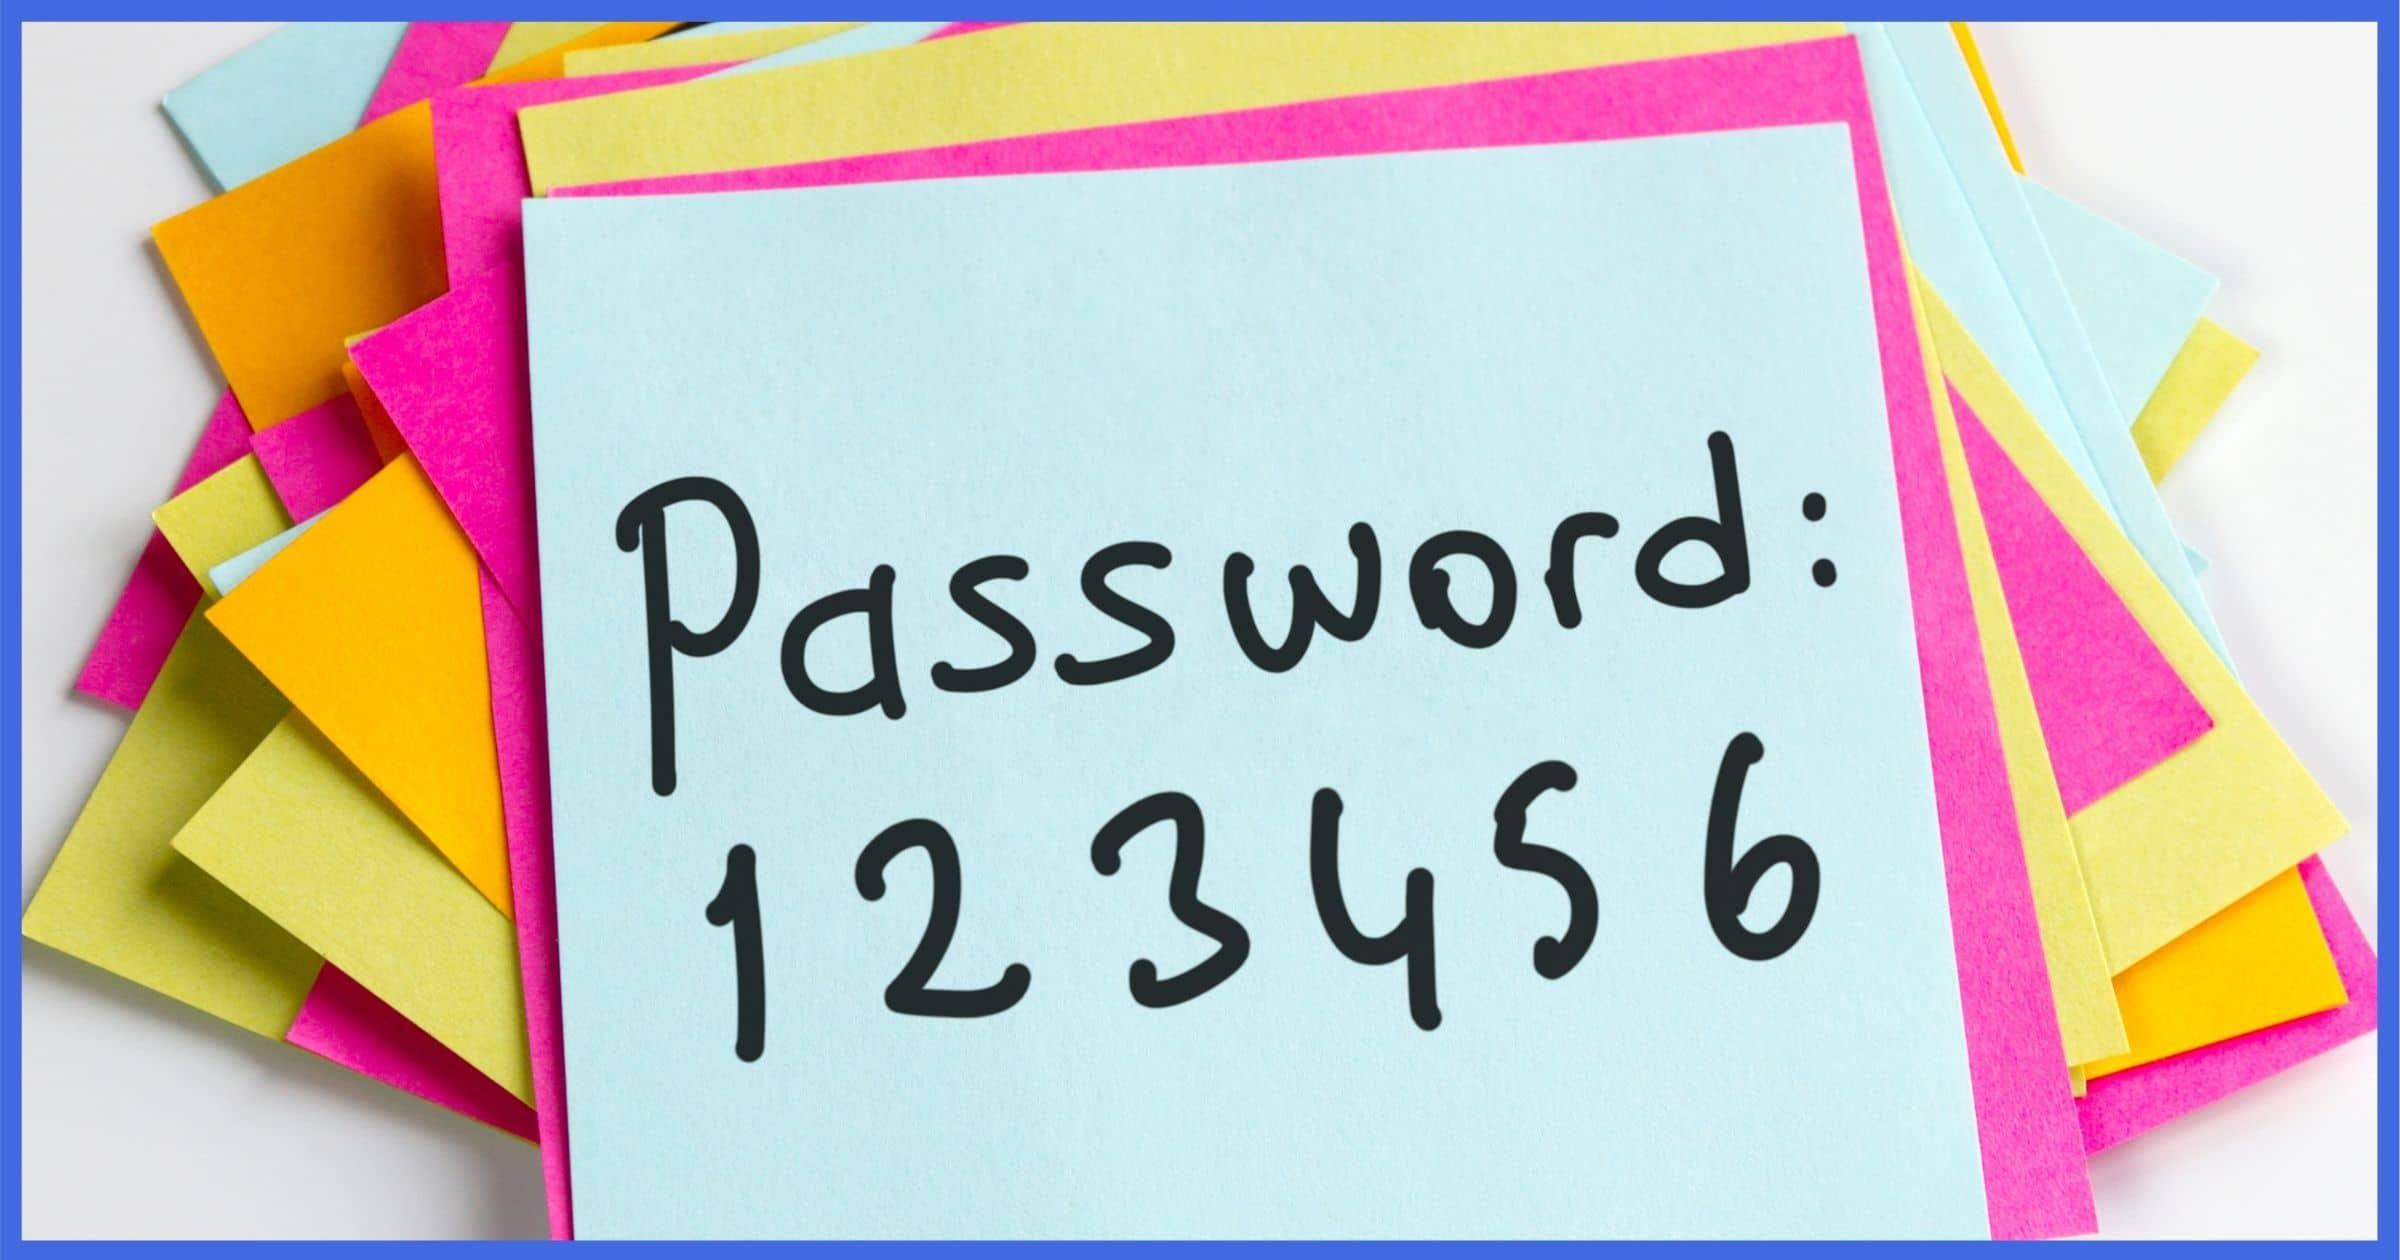 Password: 123456